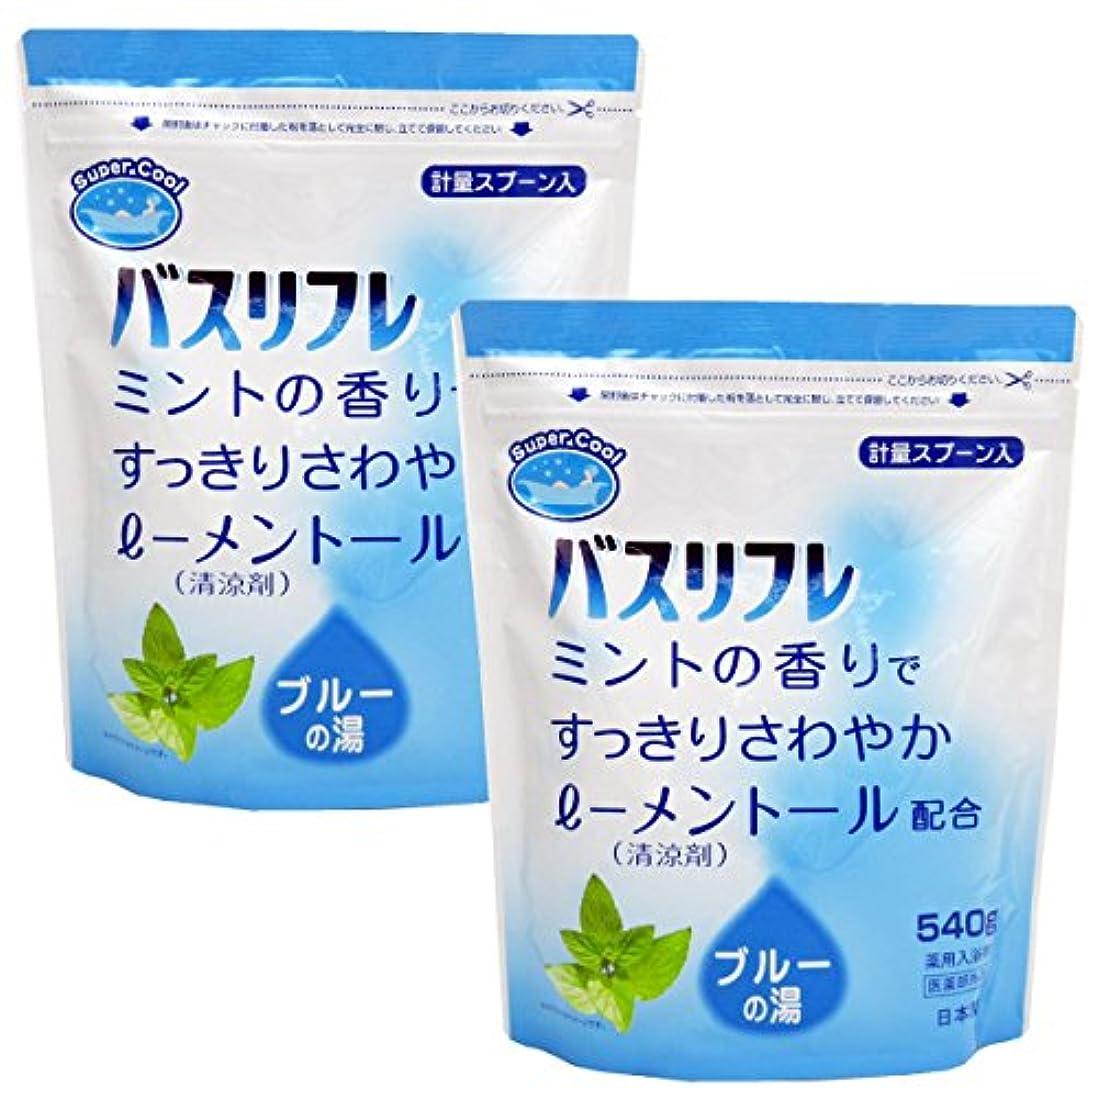 スプーンと闘うアレキサンダーグラハムベル入浴剤 クール 薬用入浴剤 バスリフレ スーパークール540g×2個セット 日本製